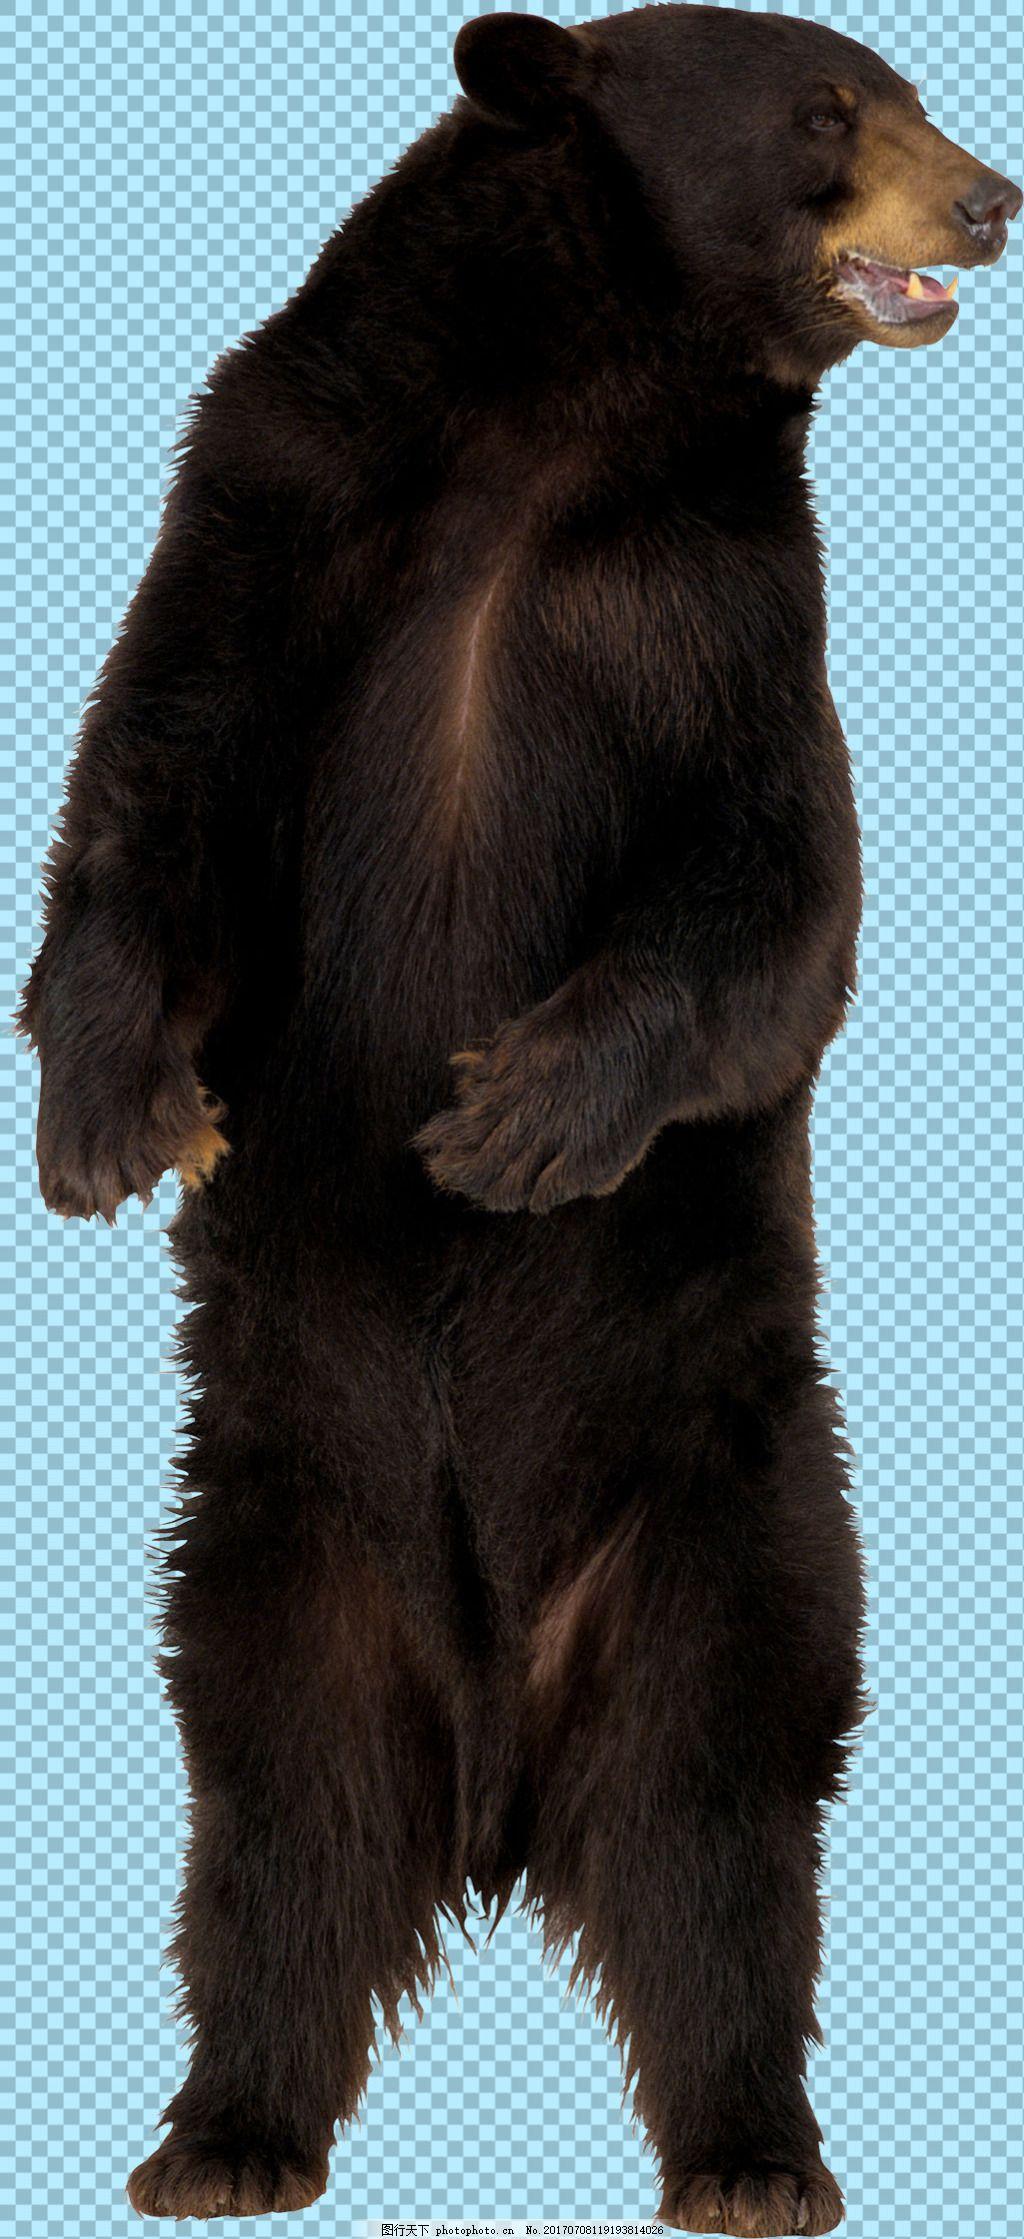 黑色站立的熊图片免抠png透明图层素材 动物图片大全 可爱动物图片